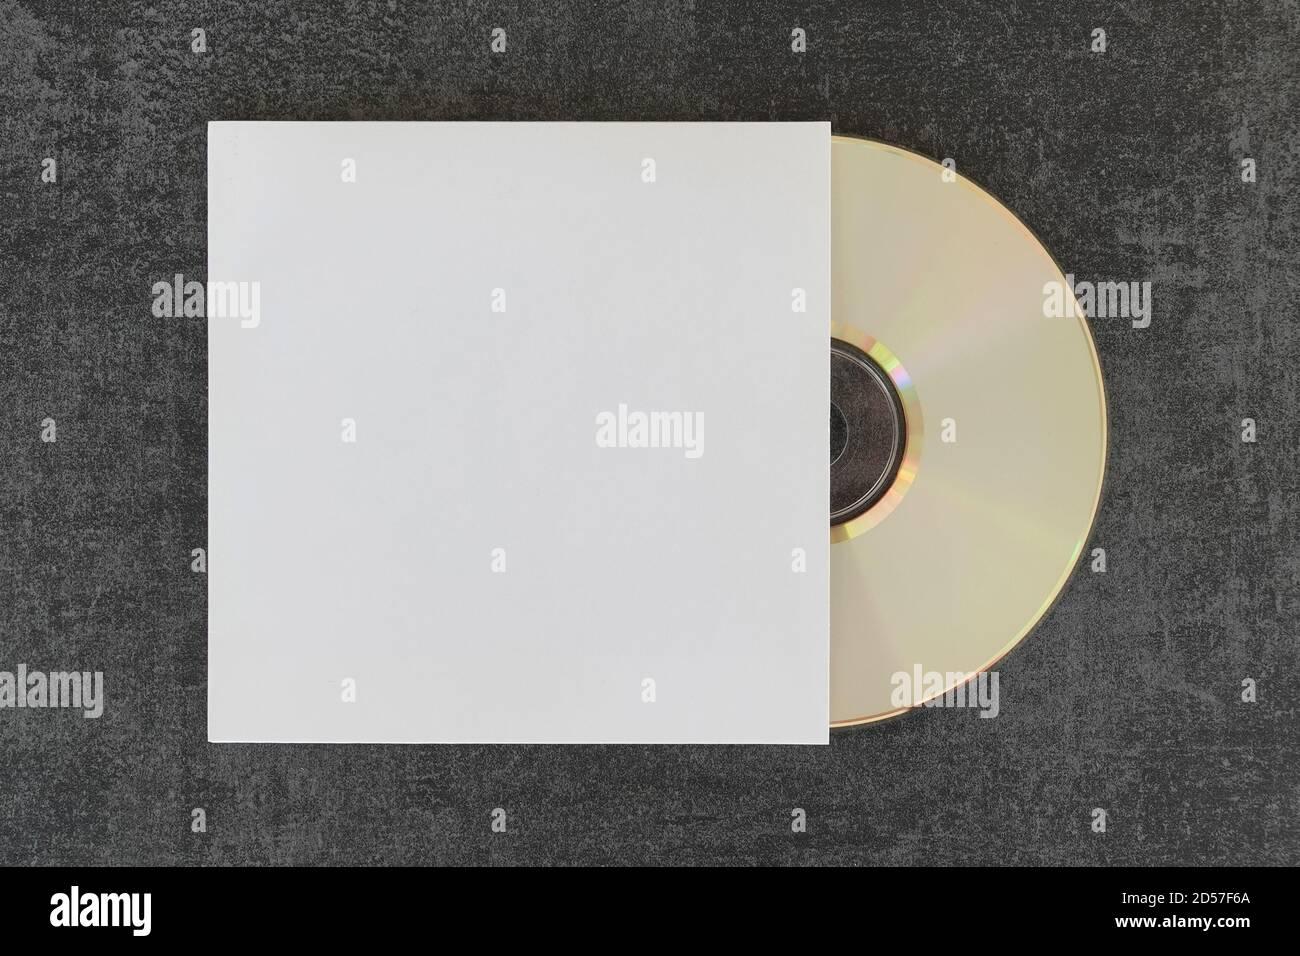 cd Compact Disc e custodia generica con spazio per la copia per posizionare le opere d'arte e le foto. Foto Stock